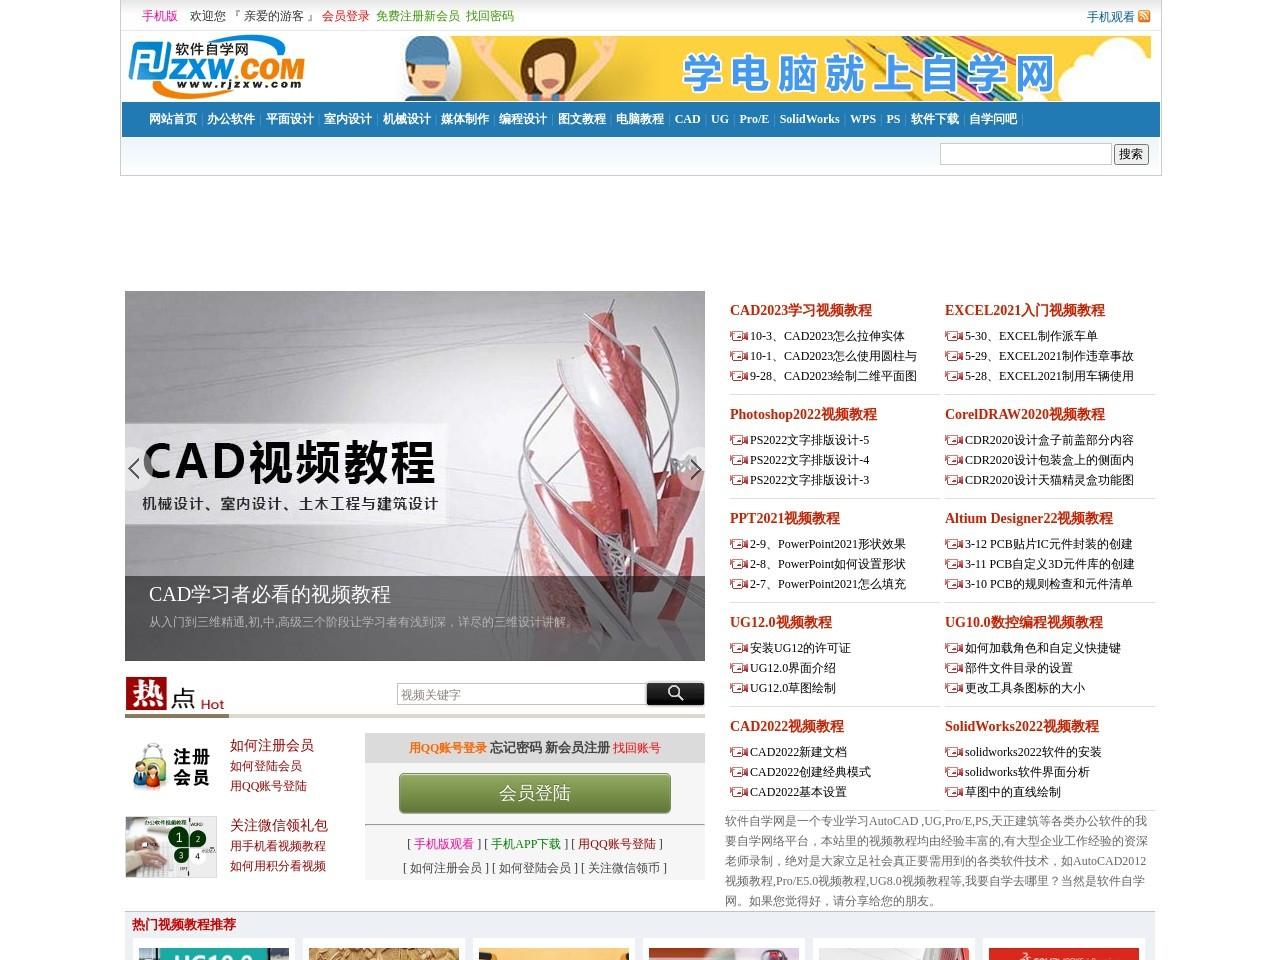 软件自学网的网站截图